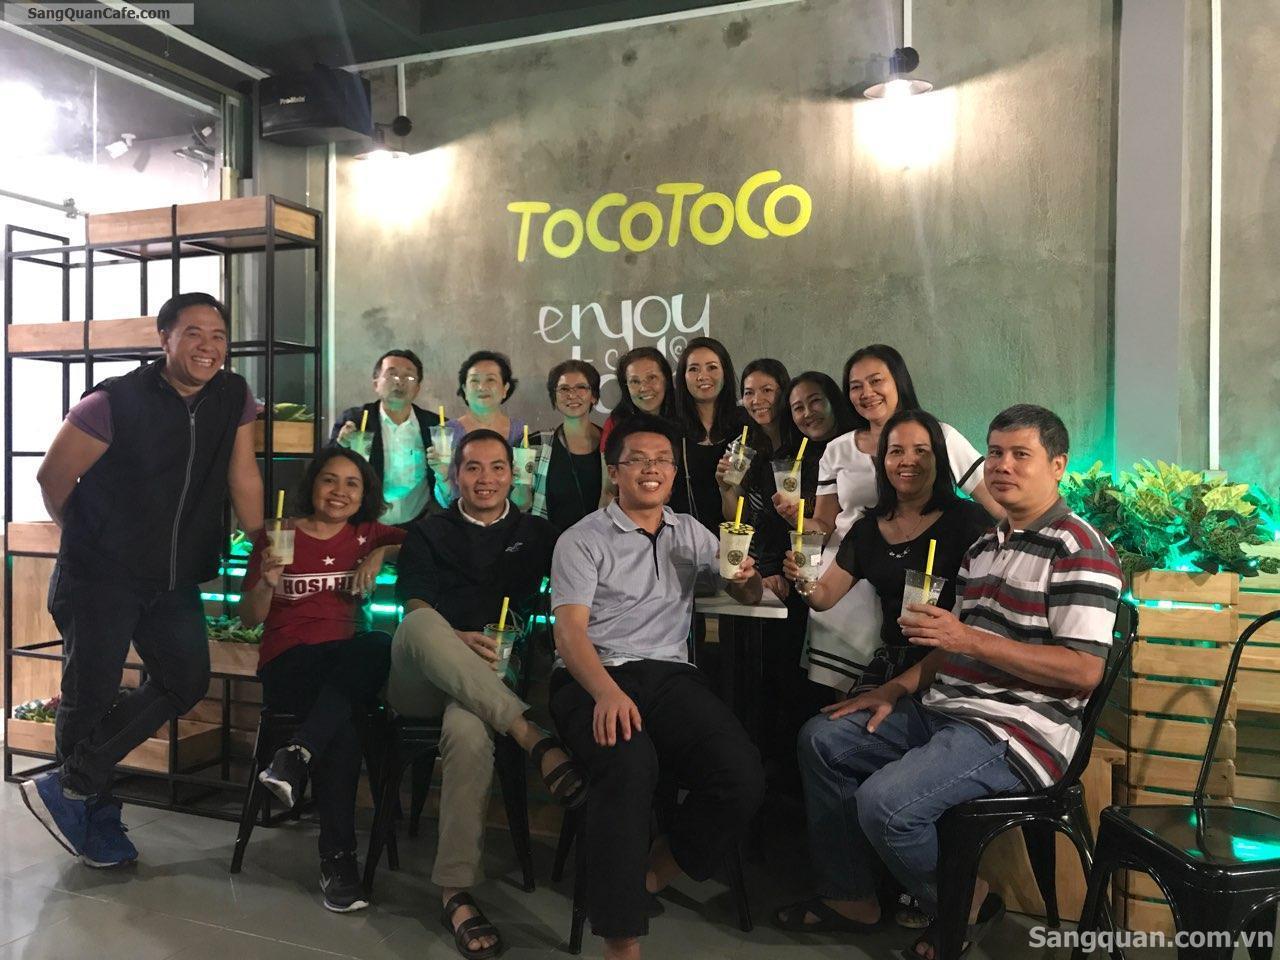 Sang quán Trà sữa thương hiệu nổi tiếng Toco